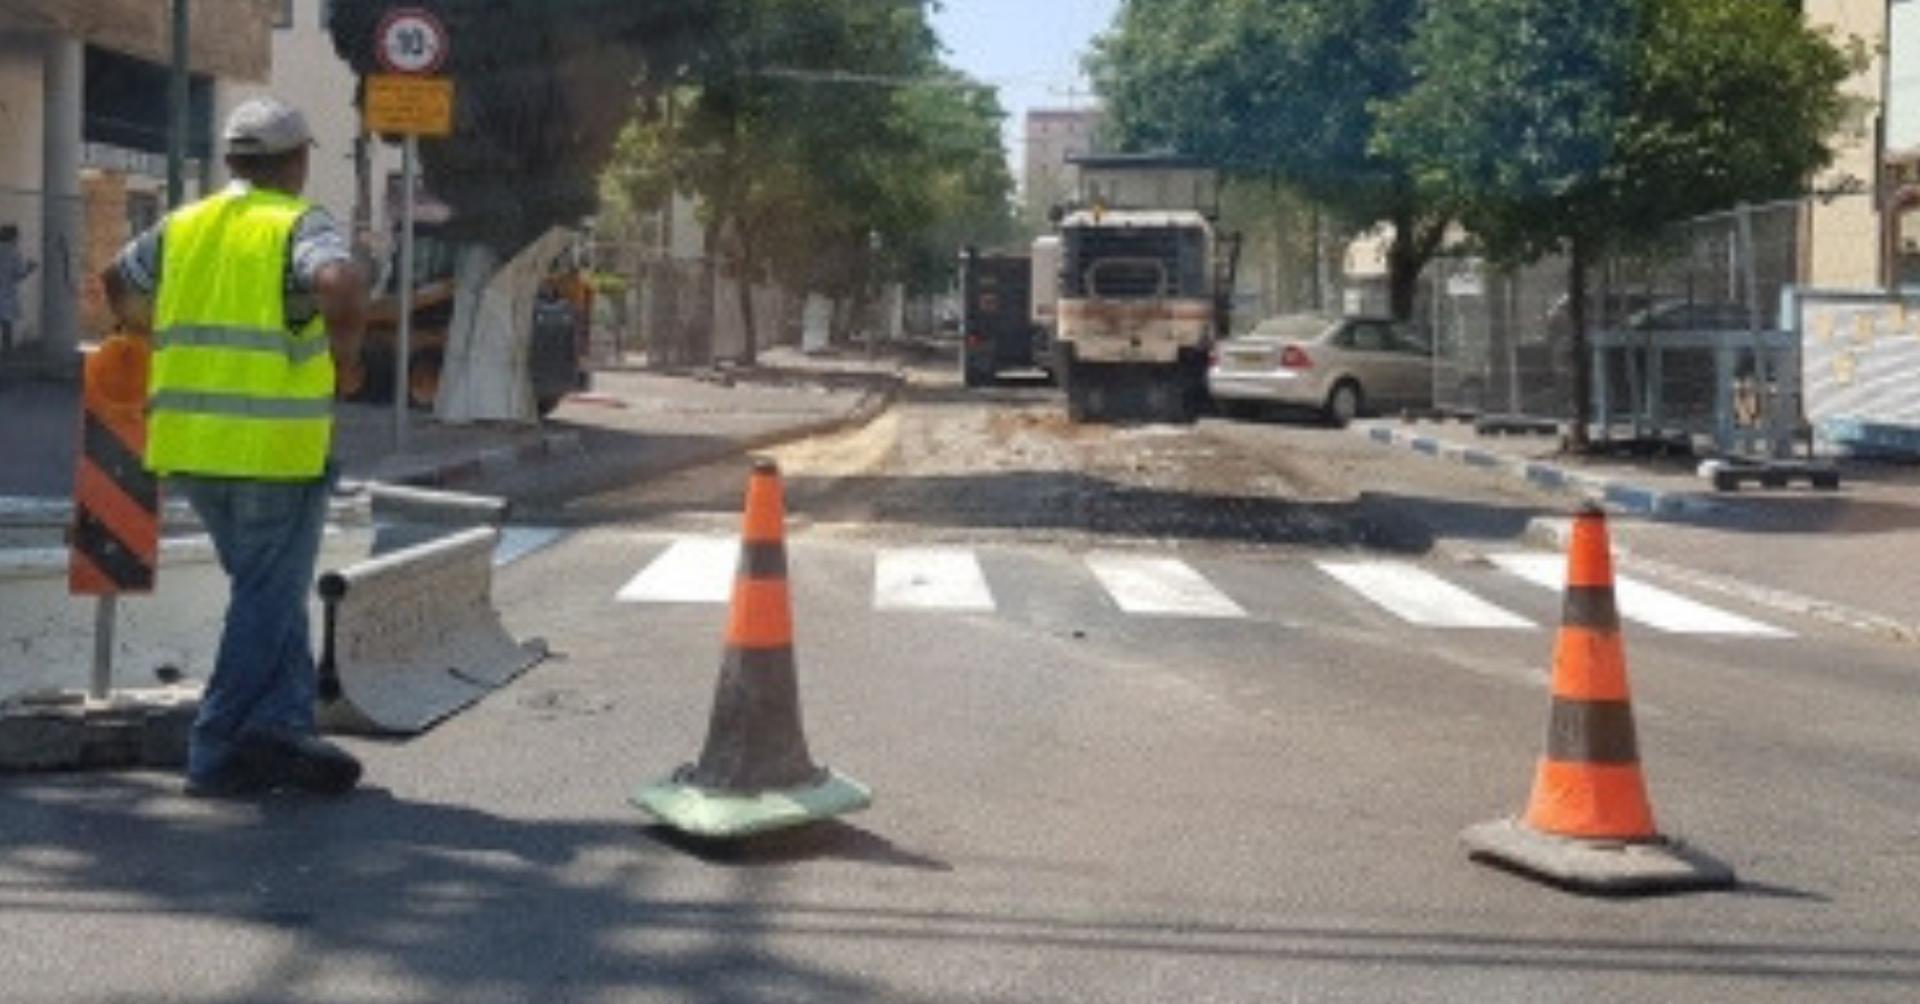 עבודות בכביש. בקרוב ברחוב השומר   צילום ארכיון: אביגיל קדם